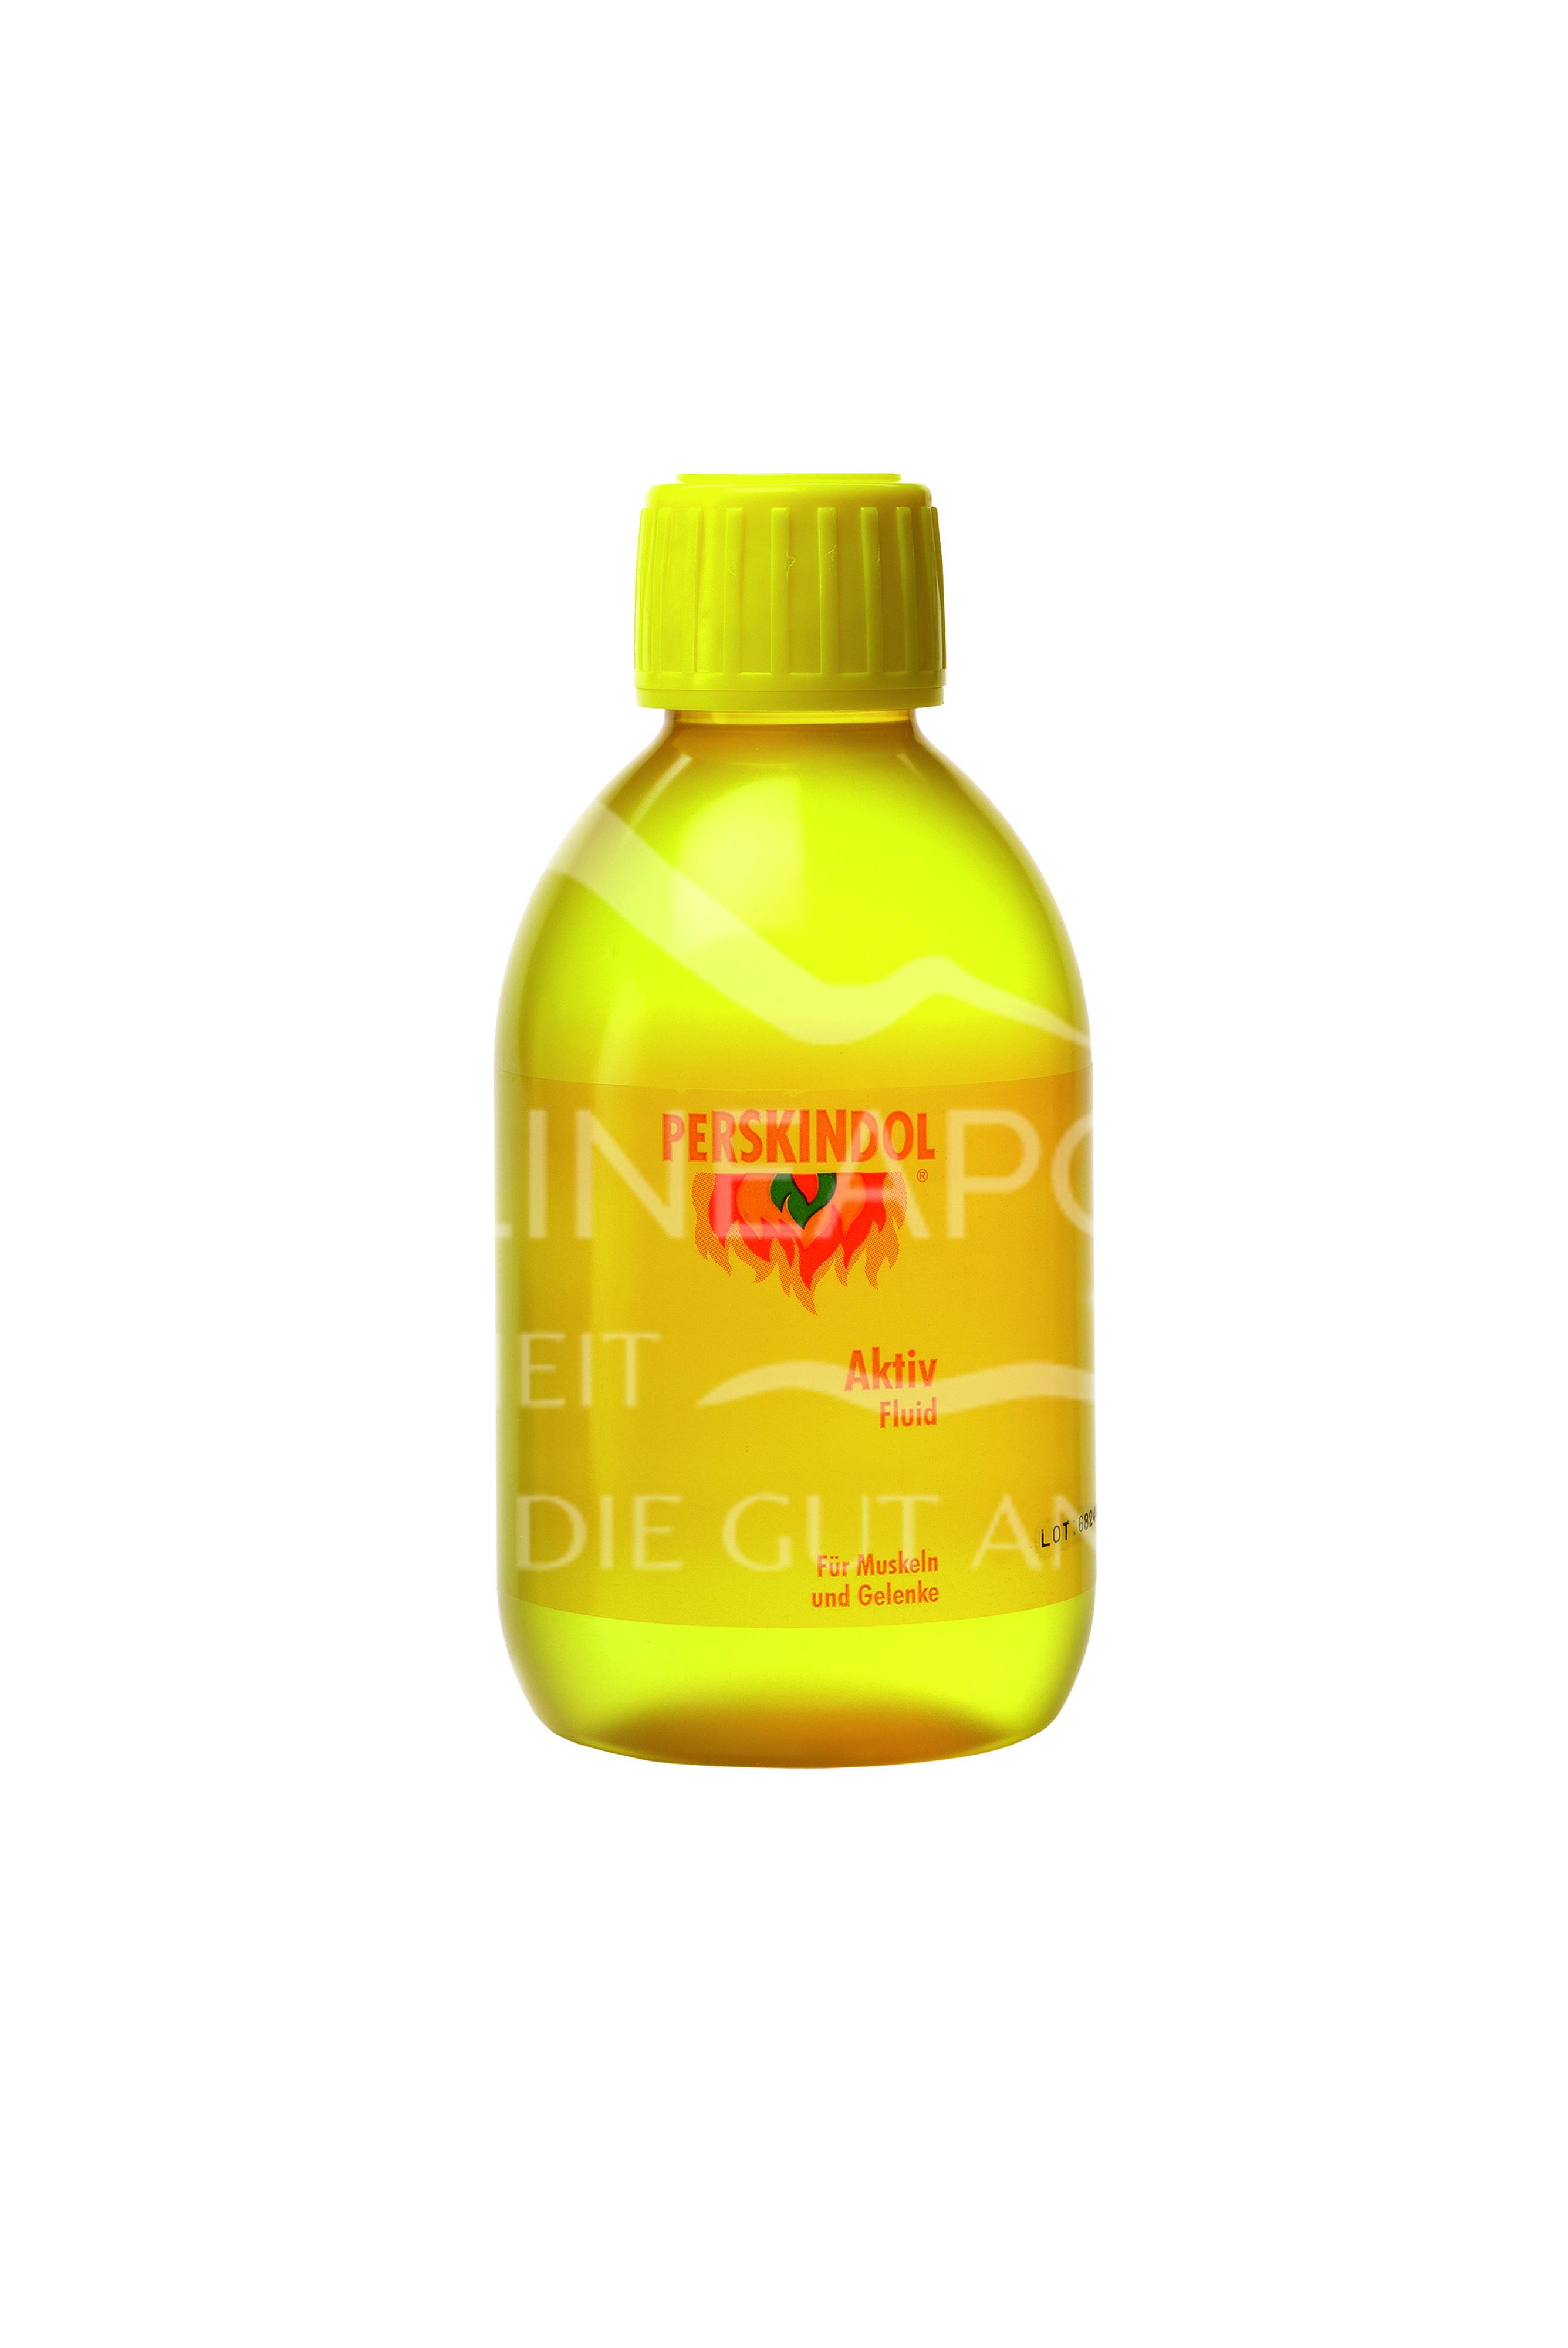 Perskindol® Aktiv Fluid